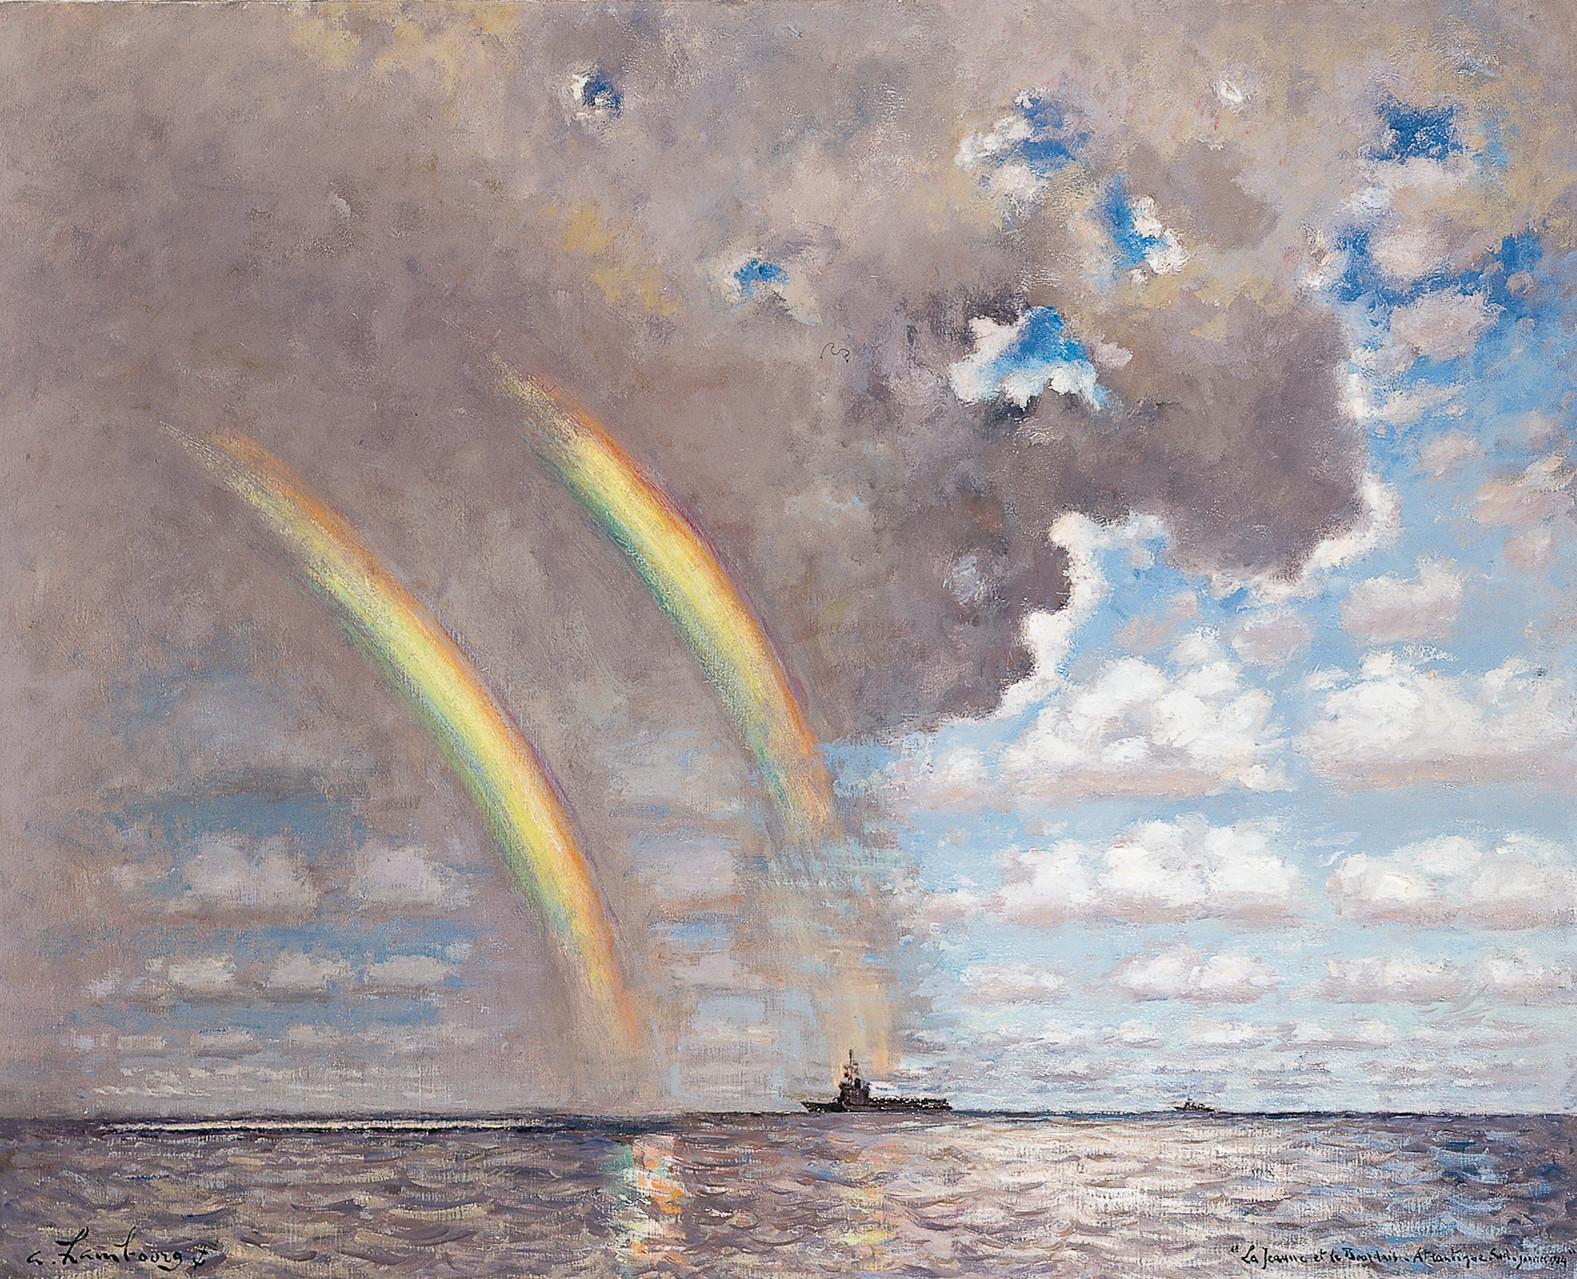 «La Jeanne et Le Bourdais, Atlantique sud» 1984, 81cmx100cm, MNA 29